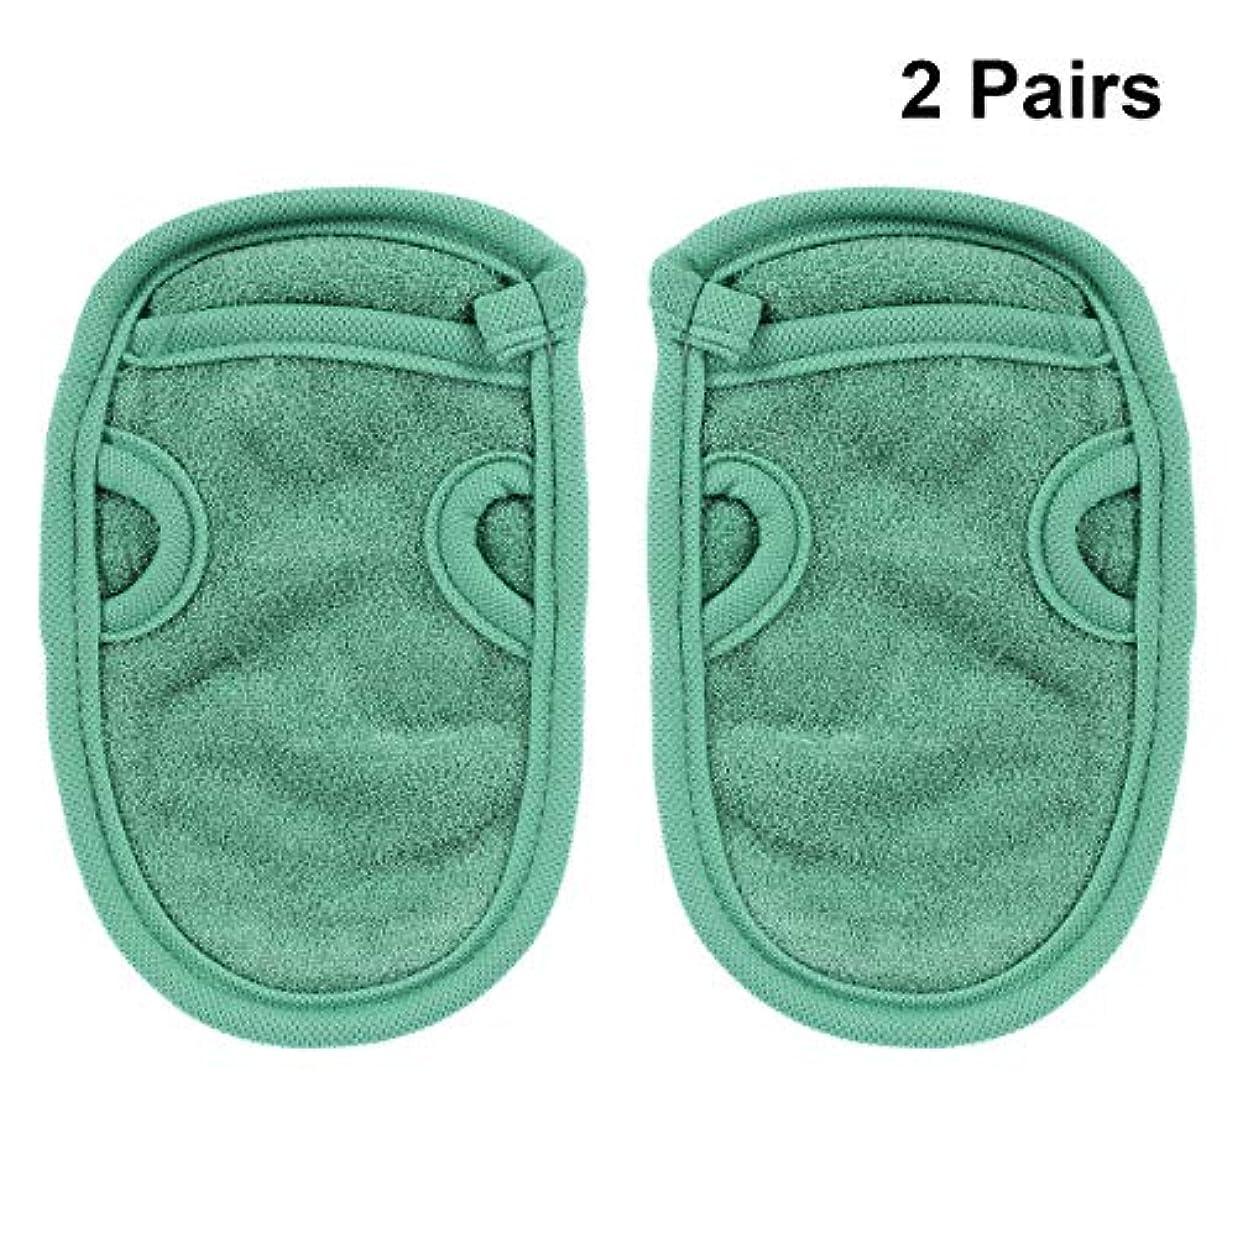 脊椎鋸歯状王女HEALIFTY 4本入浴手袋エクスフォリエイティンググローブスパグローブシャワーグローブフェイシャルグローブバスボディスクラブシャワーグローブボディスパ(グリーン)